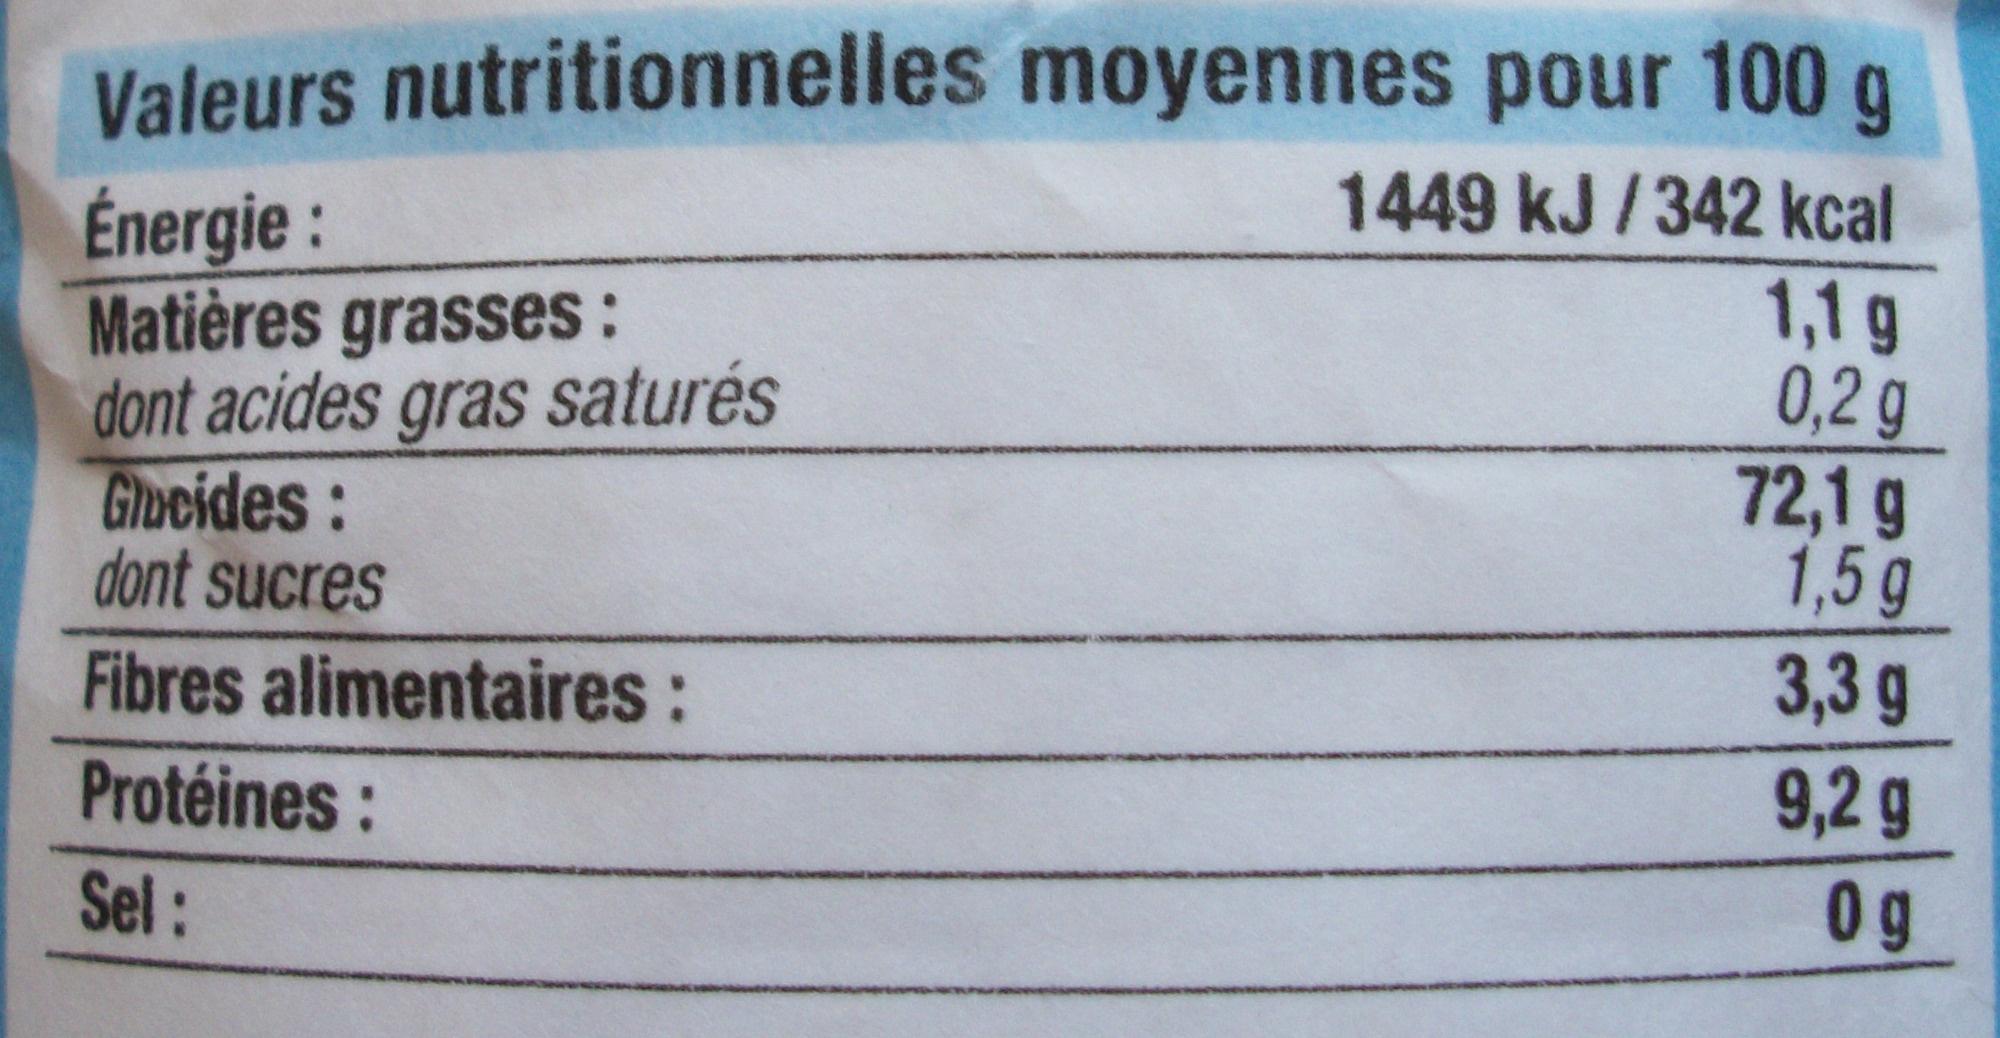 Farine ménagère - Informations nutritionnelles - fr